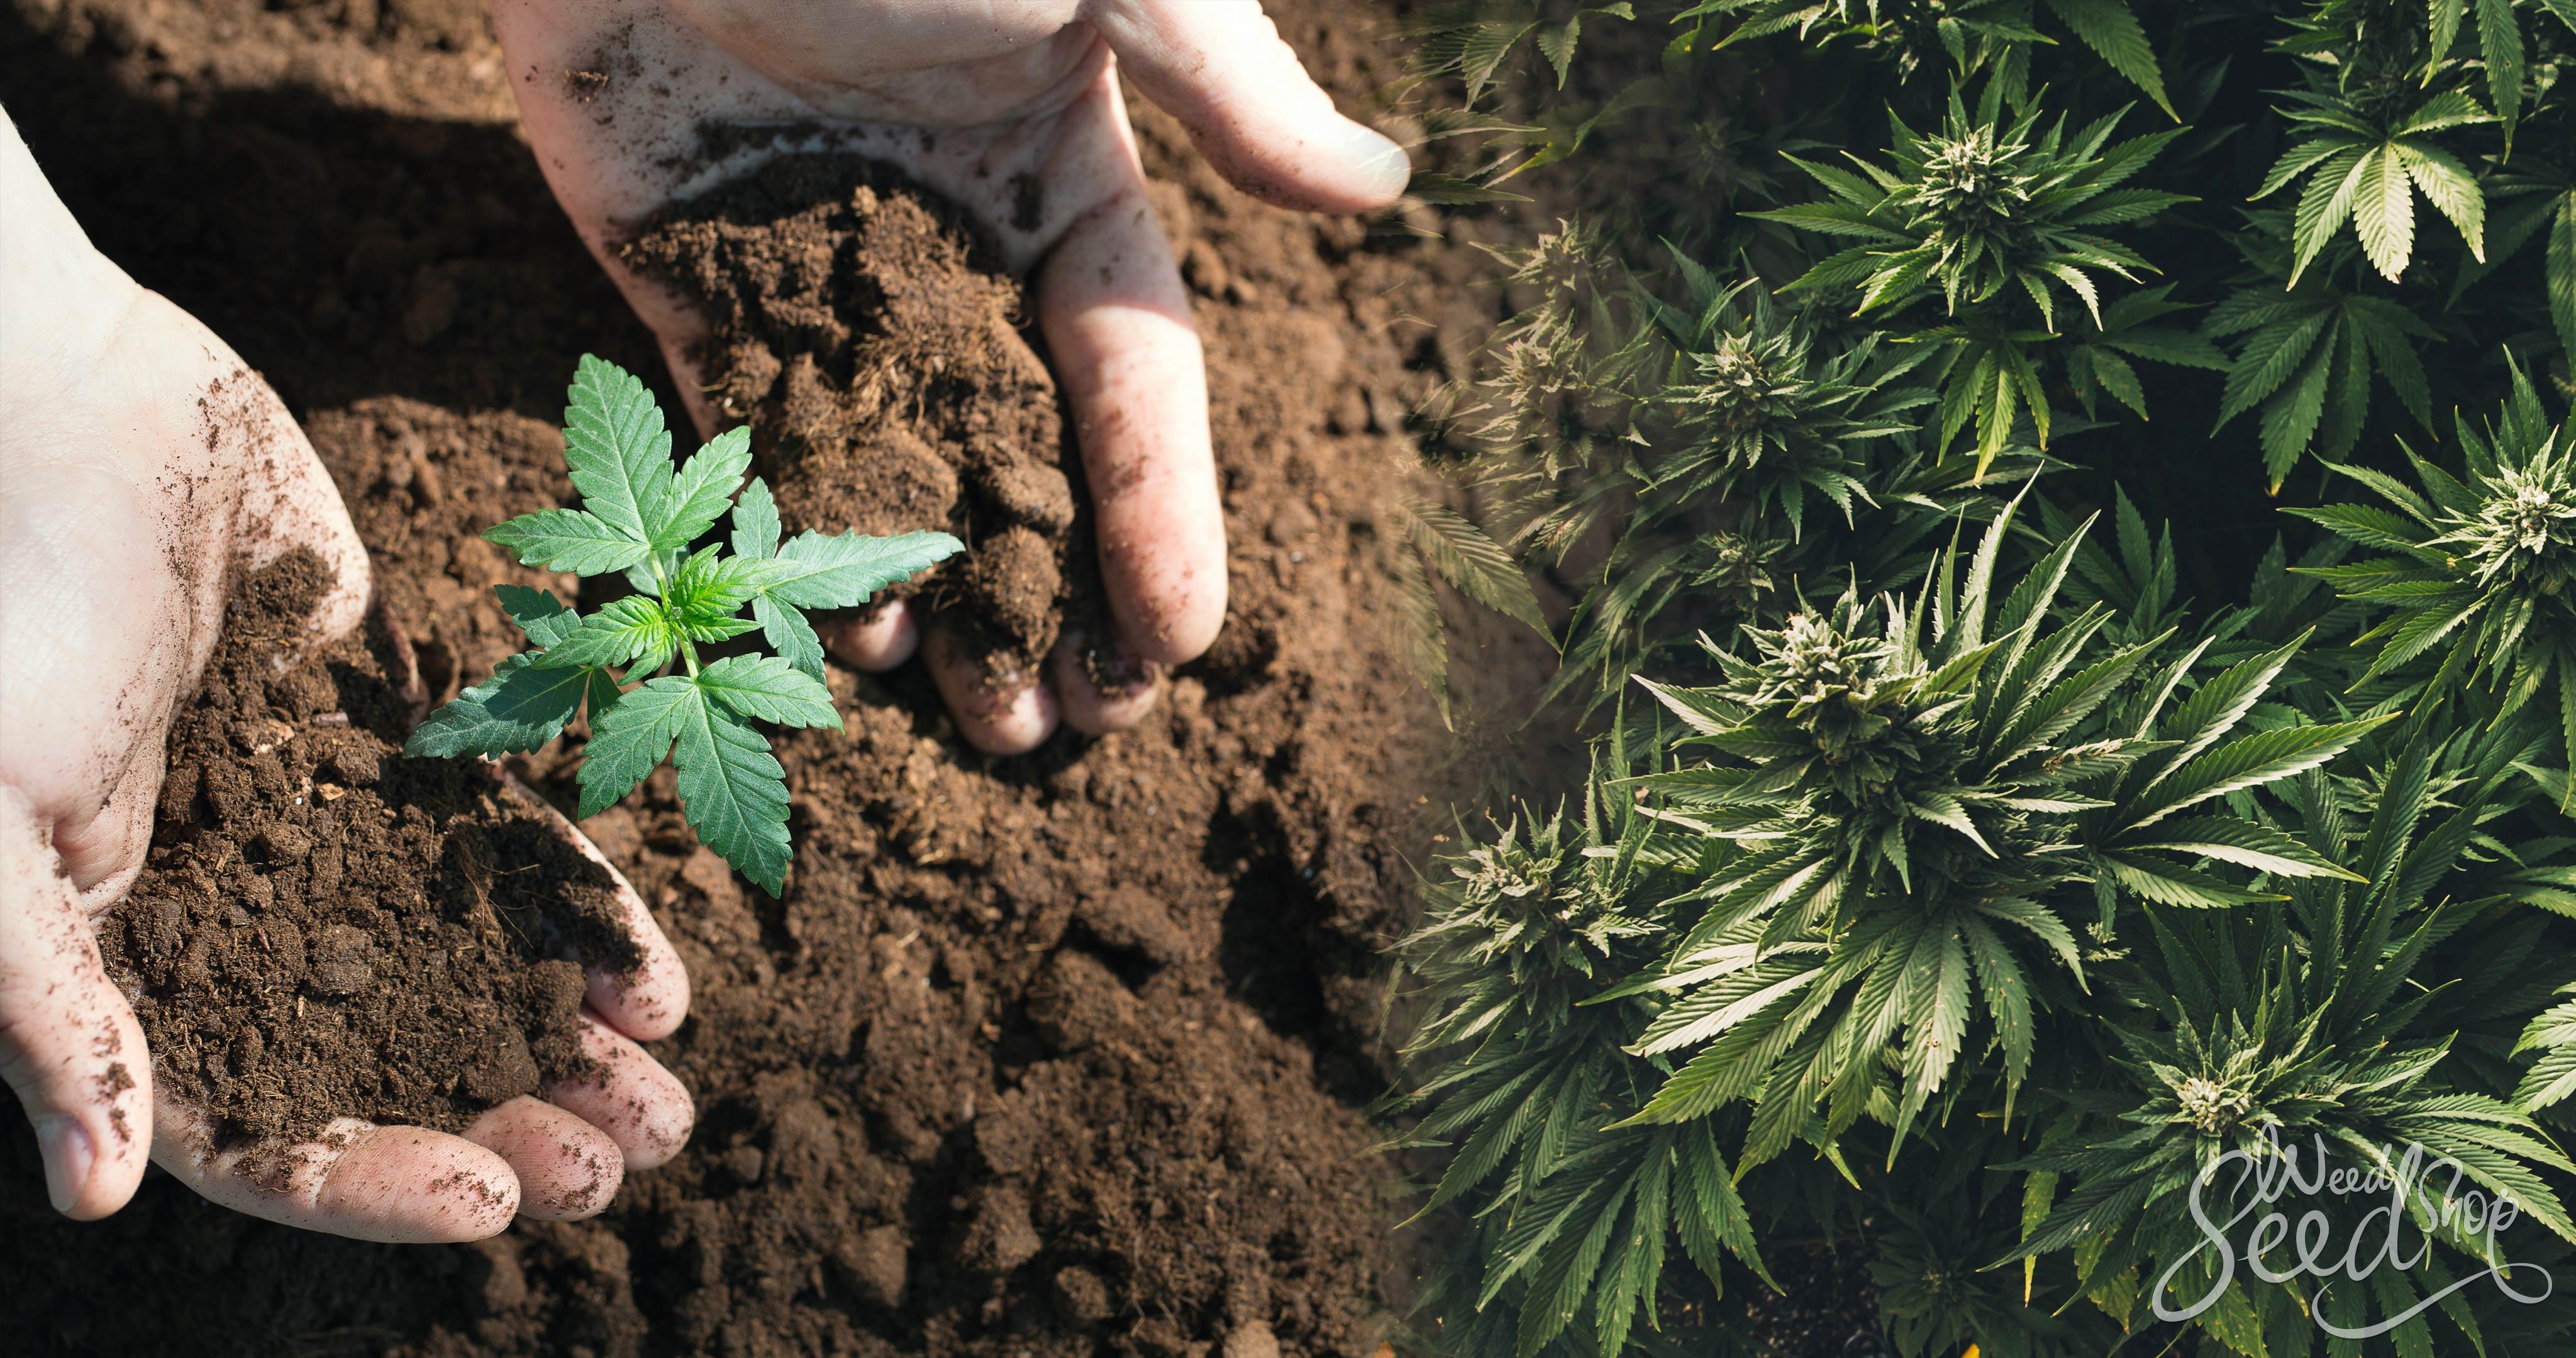 El ciclo de vida de una planta de marihuana - WeedSeedShop